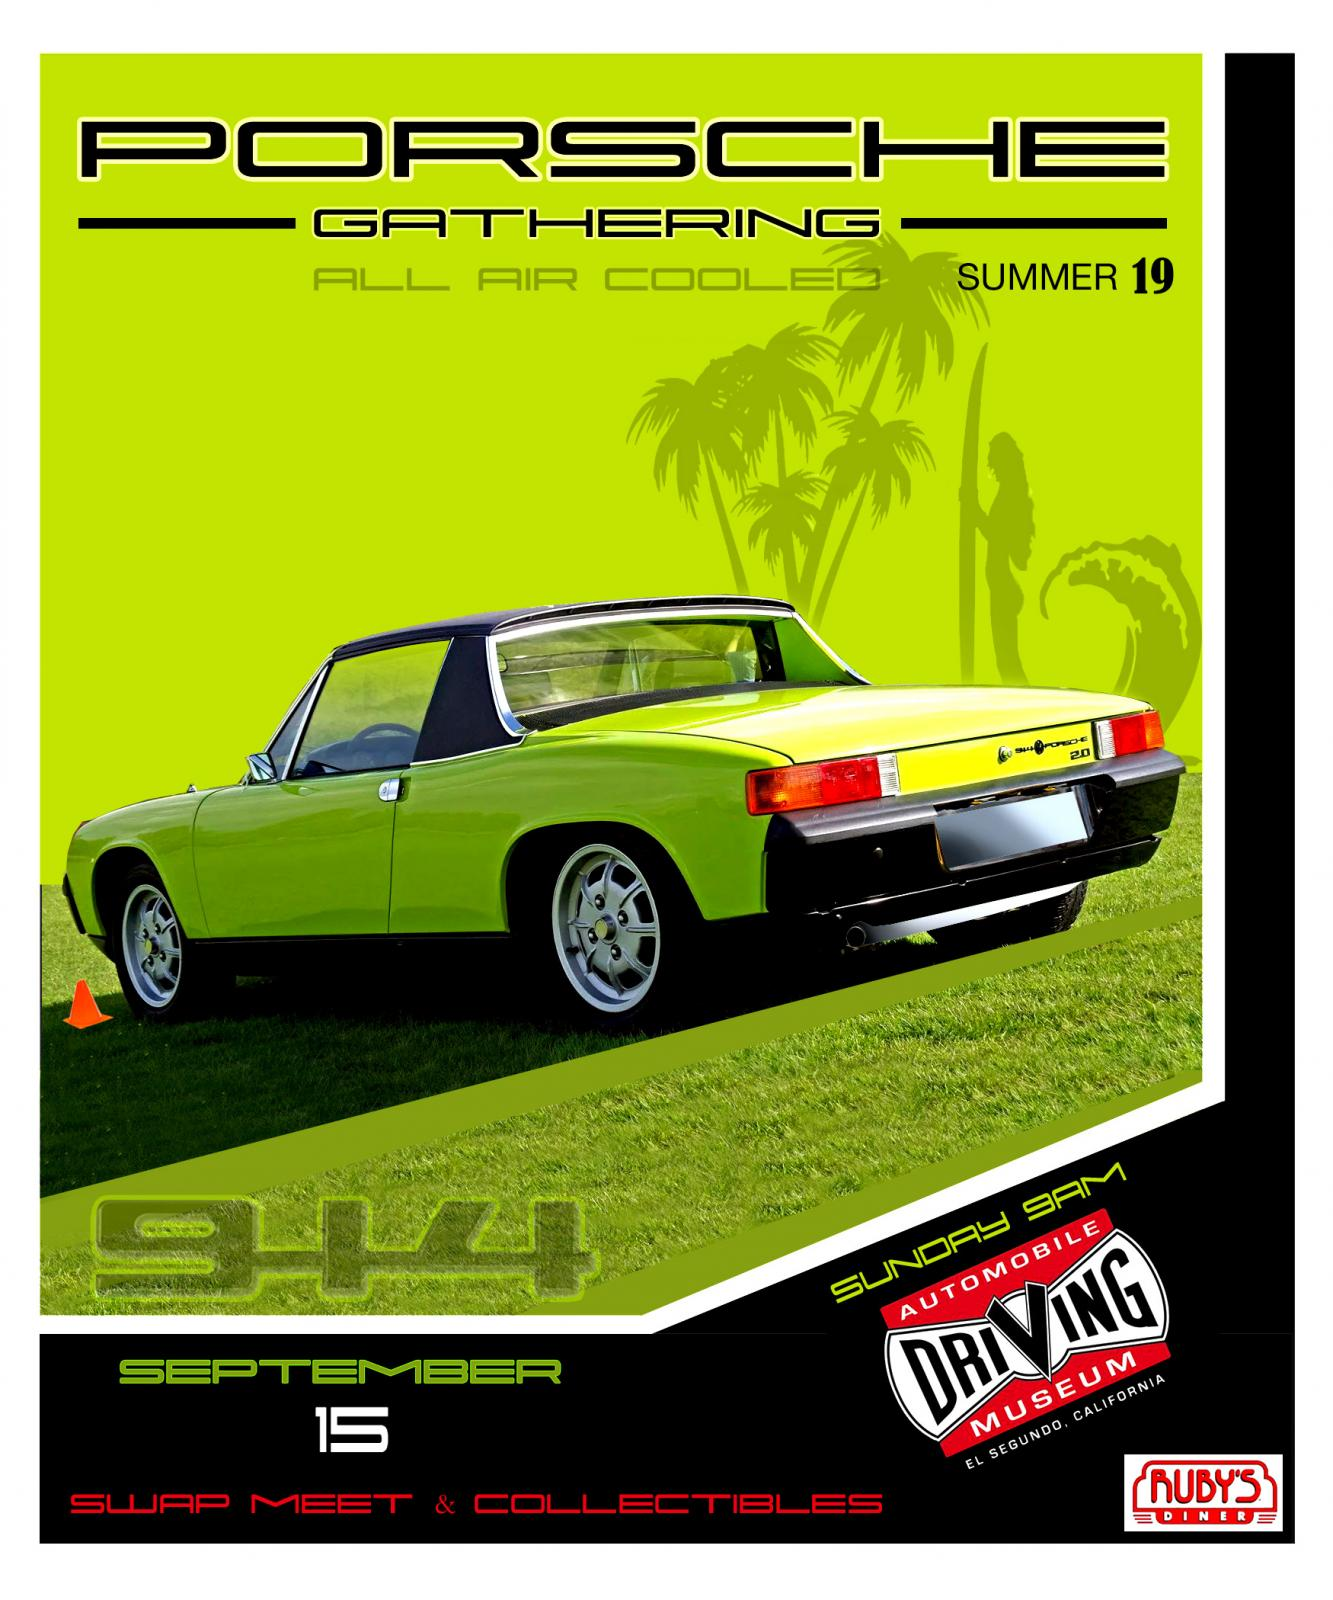 Porsche 914 Show Automobile Driving Museum El Segundo September 15 2019